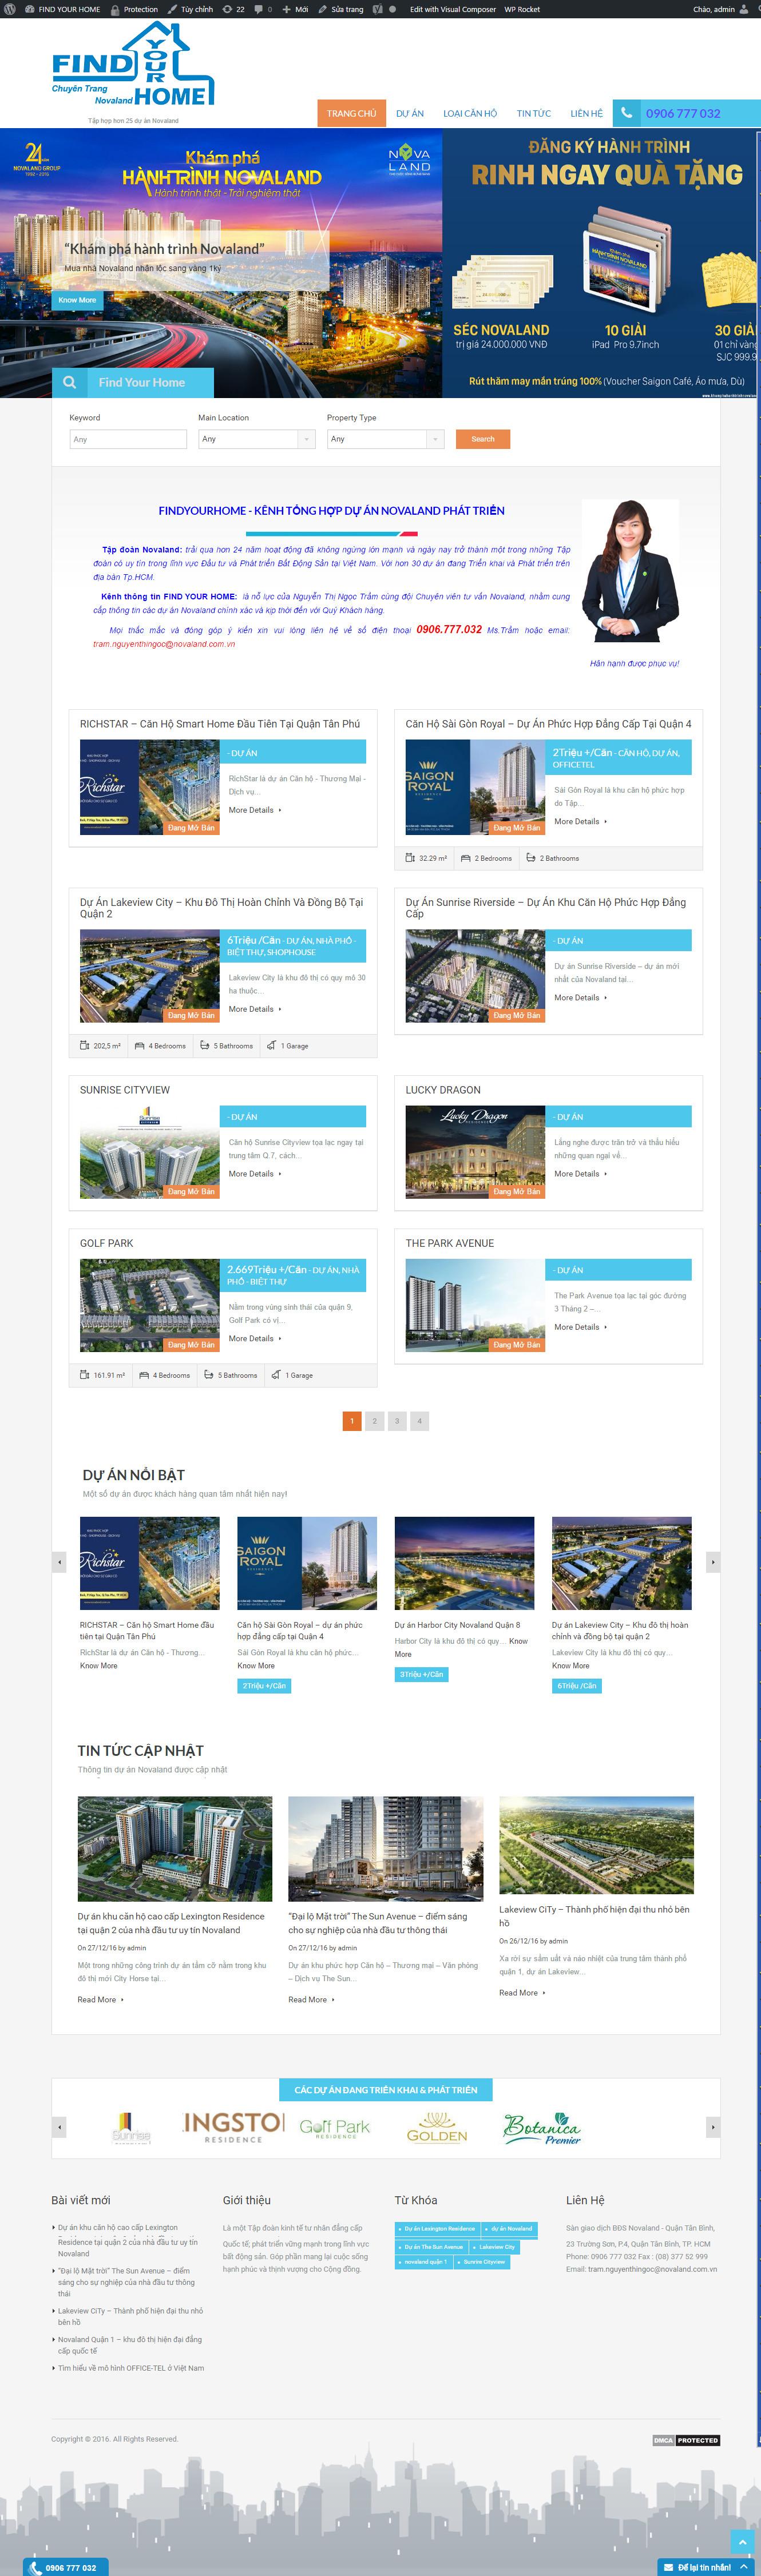 Mẫu Website Nhà Đất Đẹp, Kết Hợp Thương Mại Điện Tử